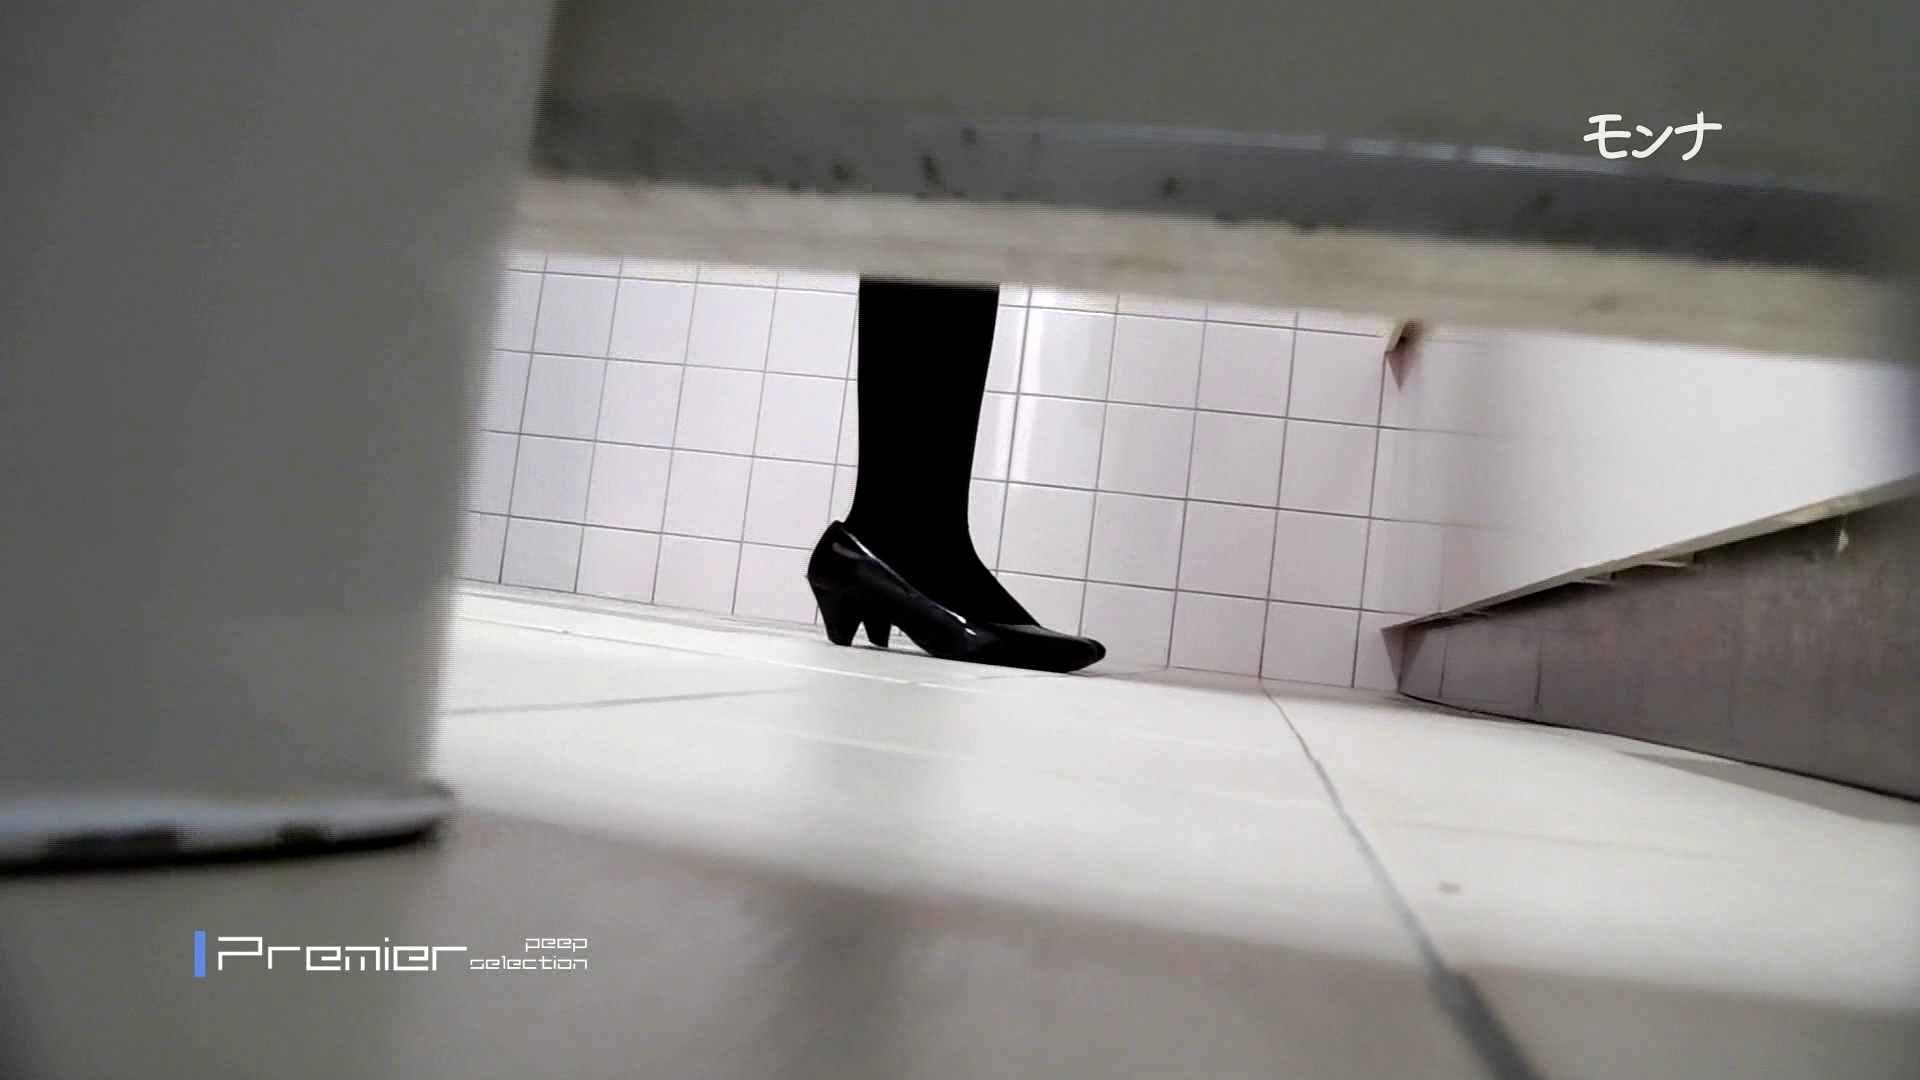 新学期!!下半身中心に攻めてます美小女可愛い女の悪戯盗撮トイレ 0 | 特撮トイレ  102画像 21